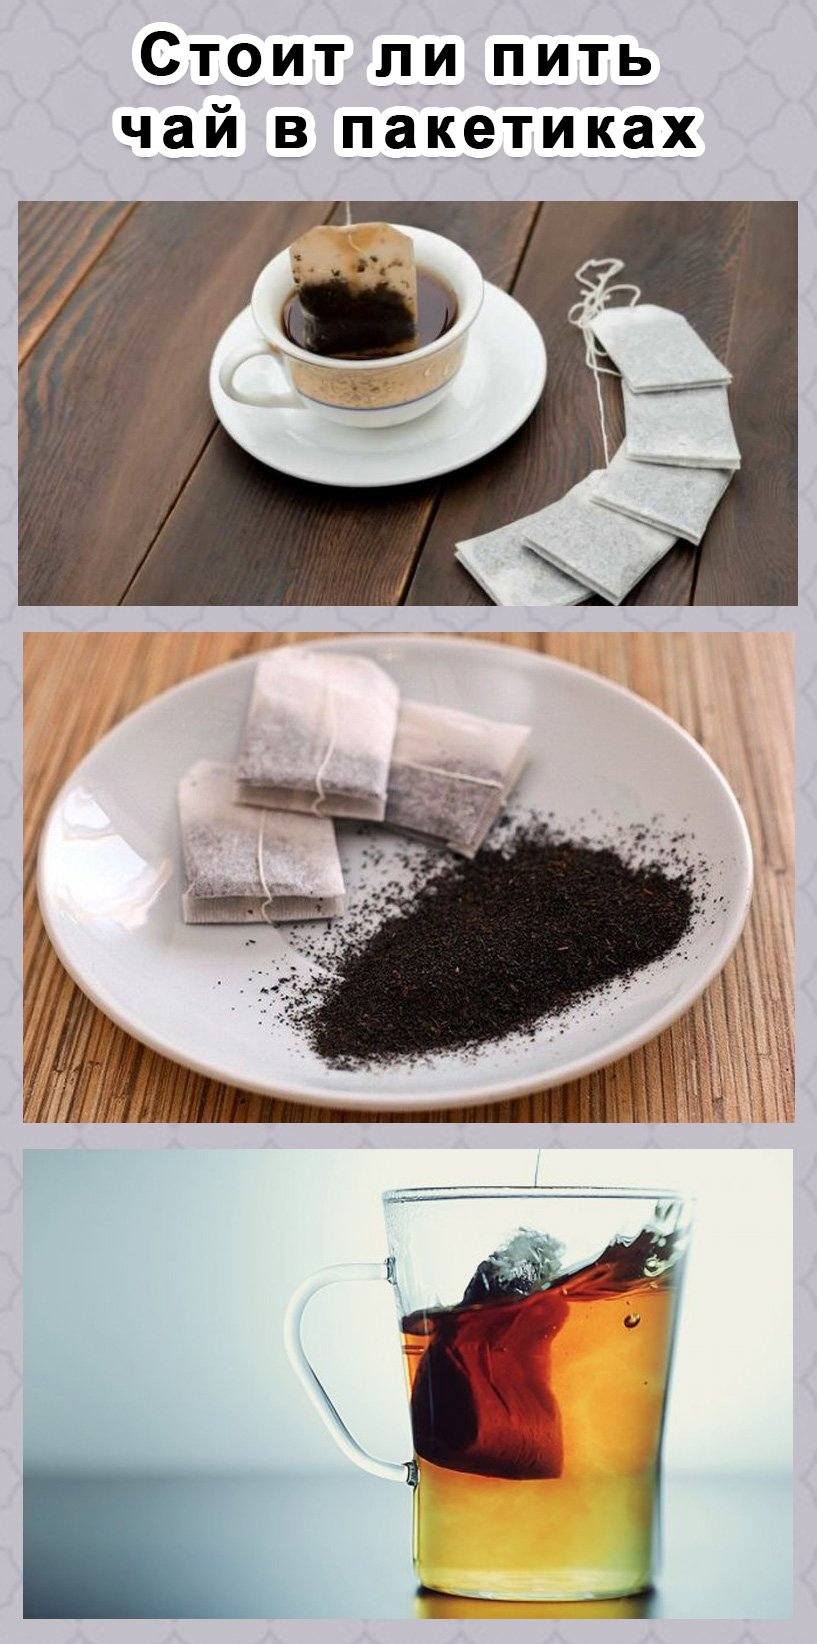 Чем может быть вреден чай в пакетиках? | русская семерка